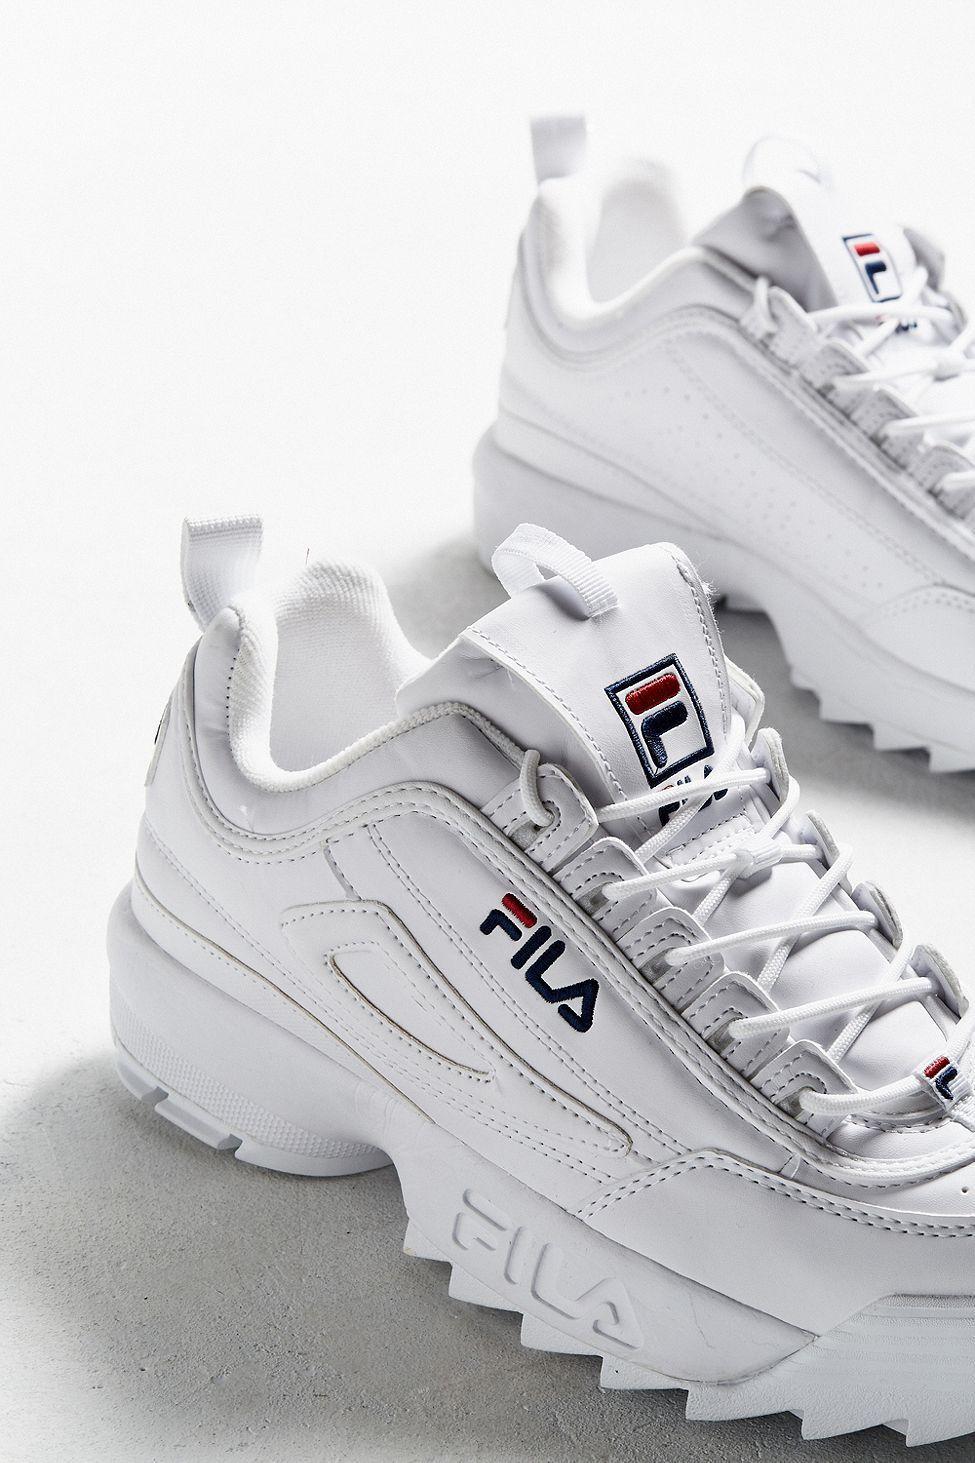 FILA Disruptor II | Kicks in 2019 | Sneakers fashion, Fila ...